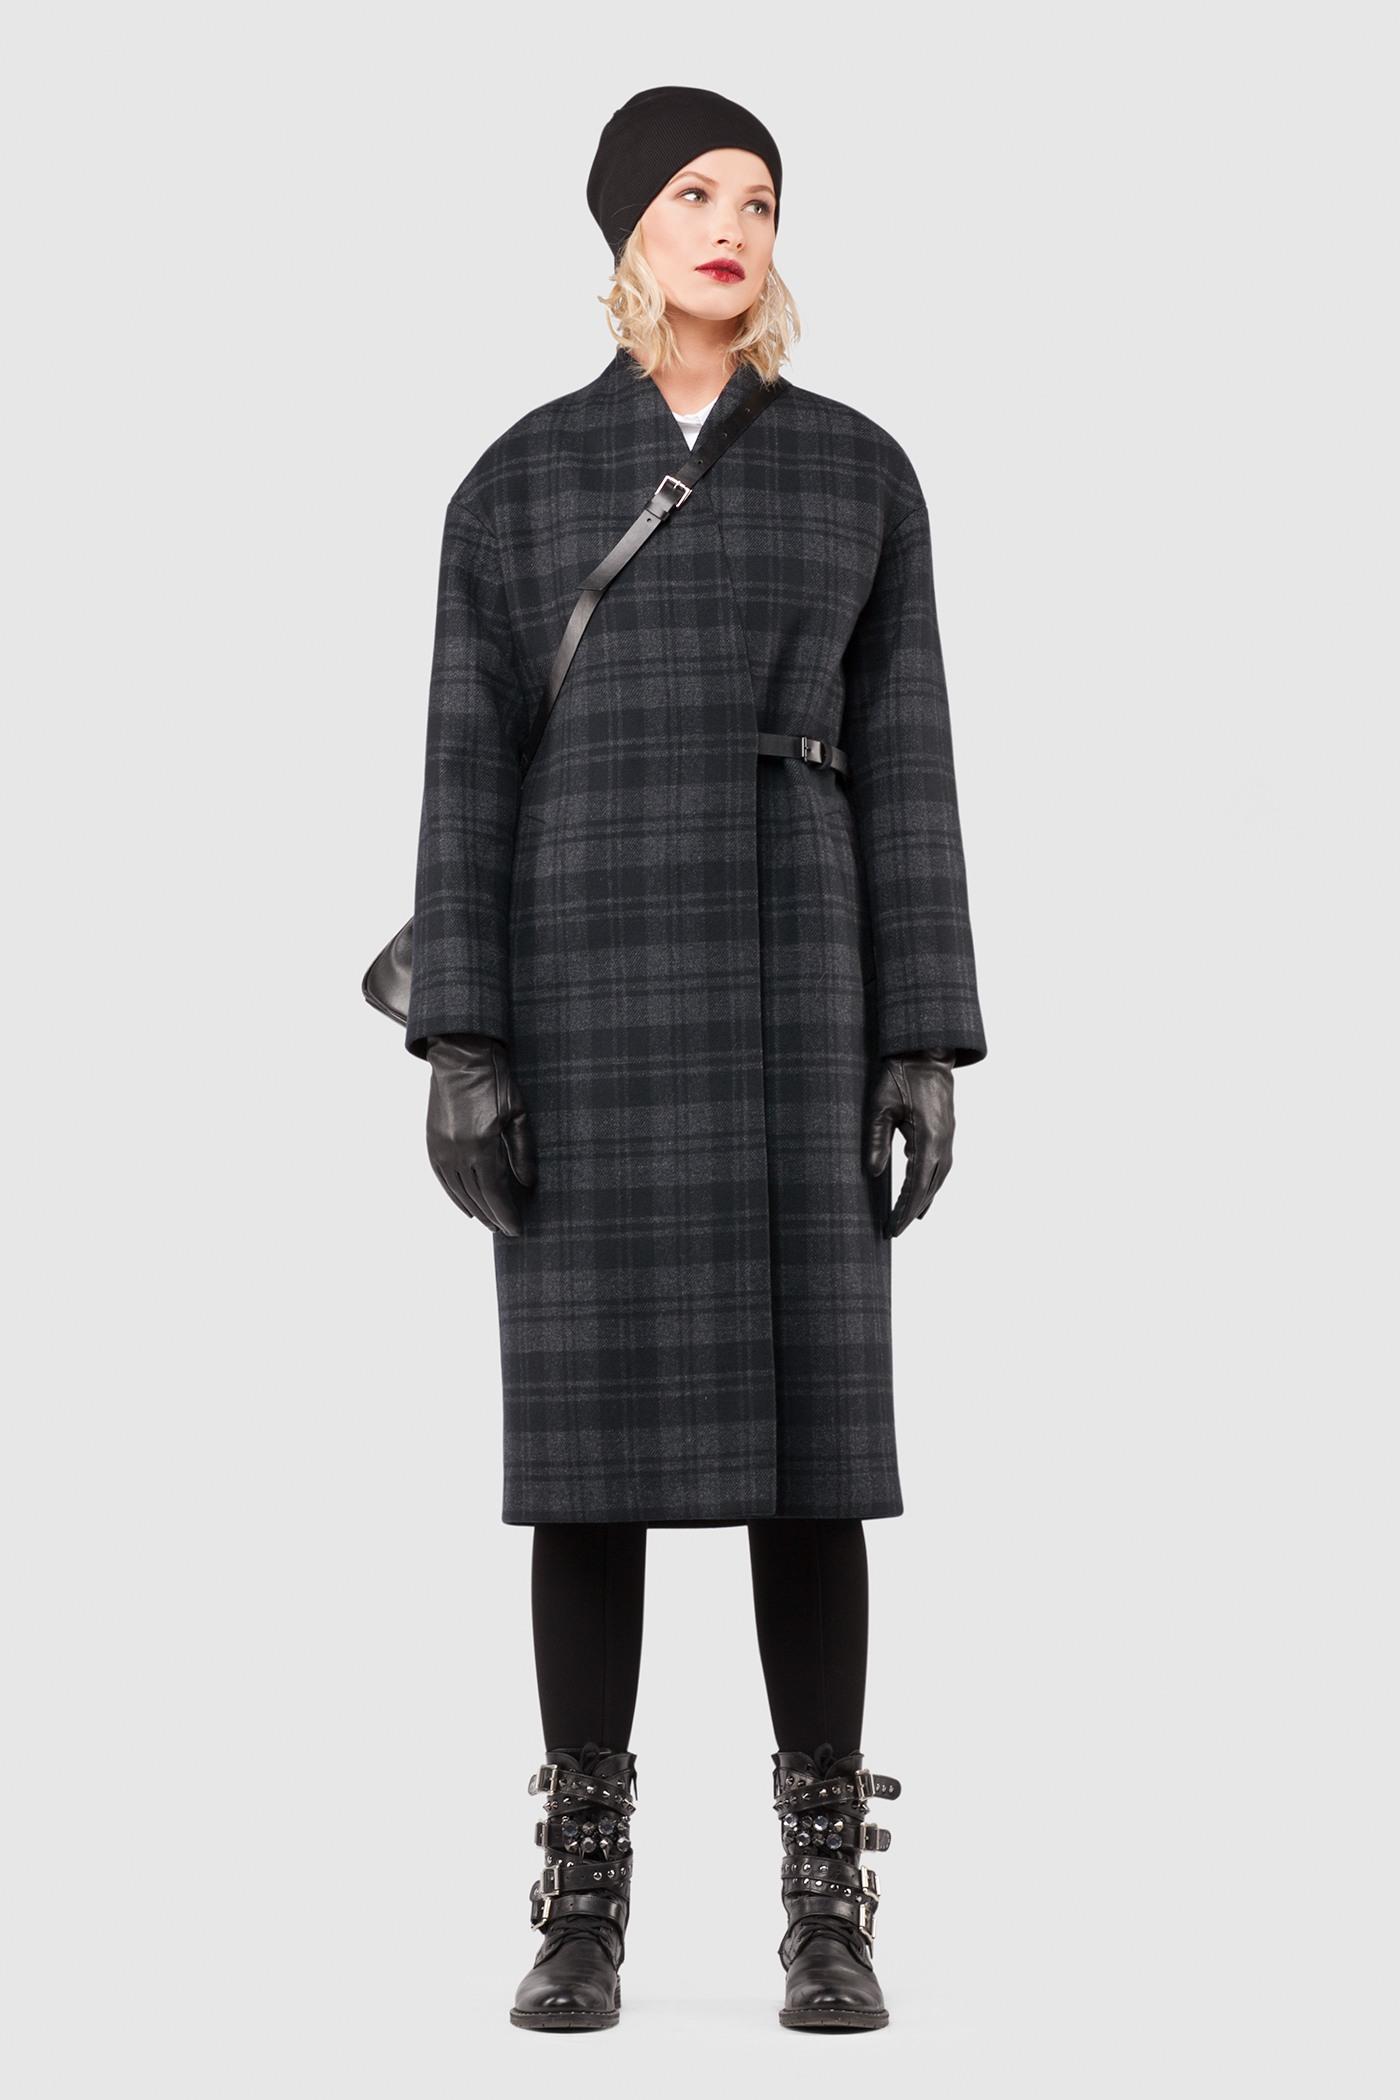 Зимнее пальтоЗимнее шерстяное пальто свободного силуэта&#13;<br>&#13;<br>Пальто прямого, неприталенного силуэта на запахе. Застежка на кожаный хлястик чуть ниже уровня талии. Карманы с широкой листочкой несколько смещены к боковому шву. Линия плеча расширена и опущена. Конструкция без подплечников. Модель подходит для всех типов фигур - А, Т, О-образных.&#13;<br>&#13;<br>&#13;<br>&#13;<br>рекомендуемая сезонность: холодная осень, зима&#13;<br>&#13;<br>&#13;<br>данную модель можно НЕ утеплять, 1 слой утеплителя присутствует в базовой комплектации&#13;<br>&#13;<br>&#13;<br>шерстяной дышащий утеплитель эффективно сохраняет тепло и при этом не препятствует свободной циркуляции воздуха&#13;<br>&#13;<br>&#13;<br>&#13;<br>длина размера S при росте 164-170 см: 106 см&#13;<br>&#13;<br>&#13;<br>&#13;<br>внутренний карман для телефона&#13;<br>&#13;<br>&#13;<br>&#13;<br>модель имеет три ростовки: 158-164 см, 164-170 см и 170-176 см.&#13;<br>&#13;<br>&#13;<br>&#13;<br>размер и другие нюансы уточняются при заказе, мы с вами связываемся по указанному вами номеру телефона<br><br>Цвет: Клетка<br>Размер: XL, XS, S, M, L<br>Ростовка: 152 - 158, 158 -164, 164 -170, 170 -176, 176 -182